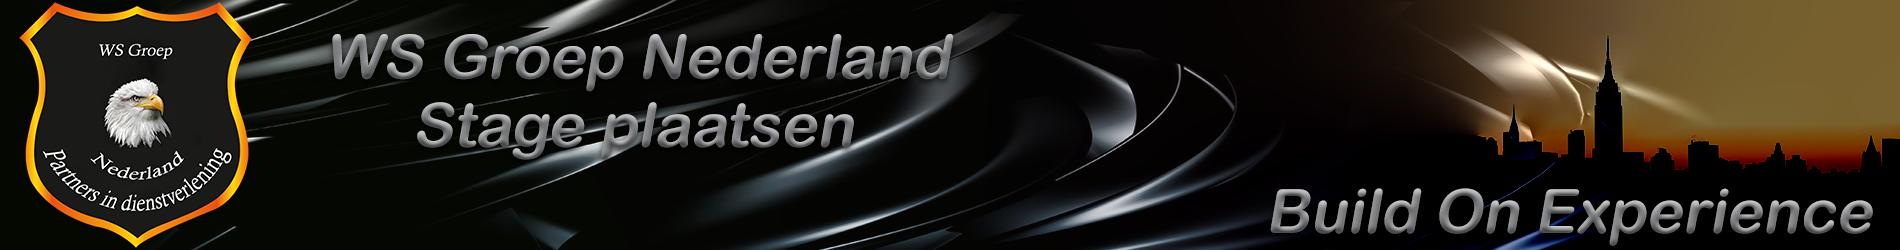 WS Groep Nederland